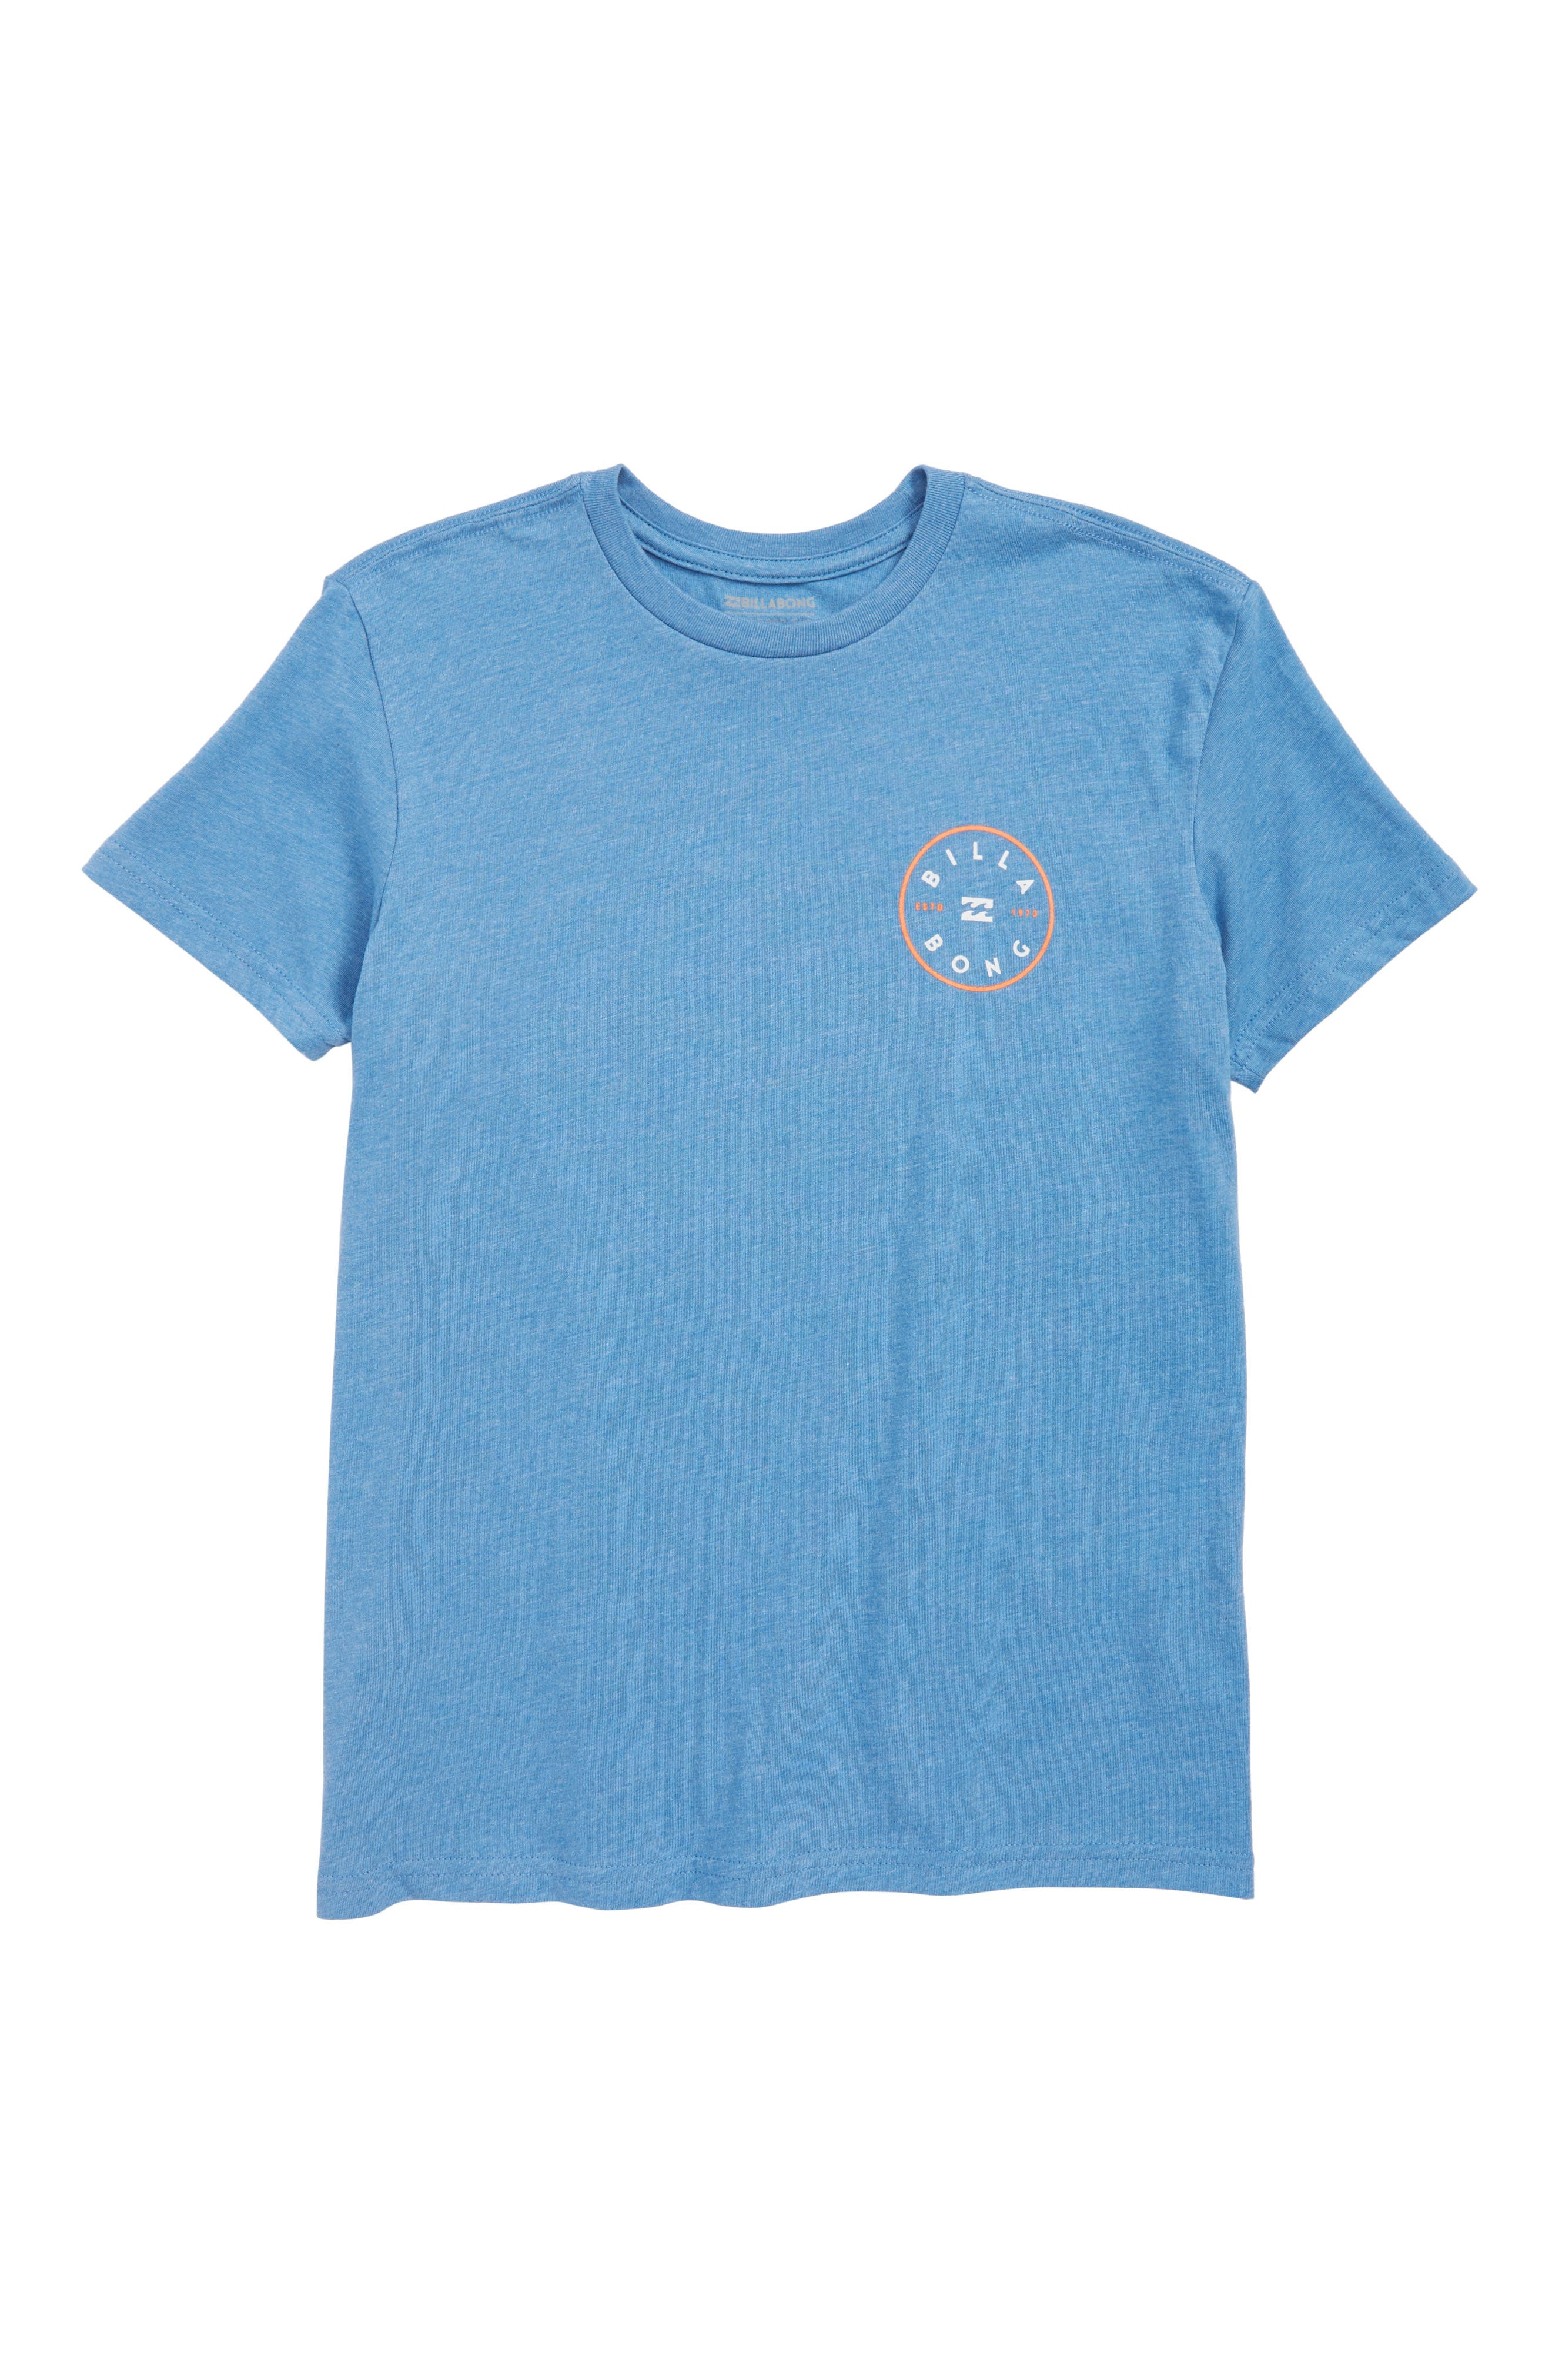 Rotor T-Shirt,                             Main thumbnail 1, color,                             400